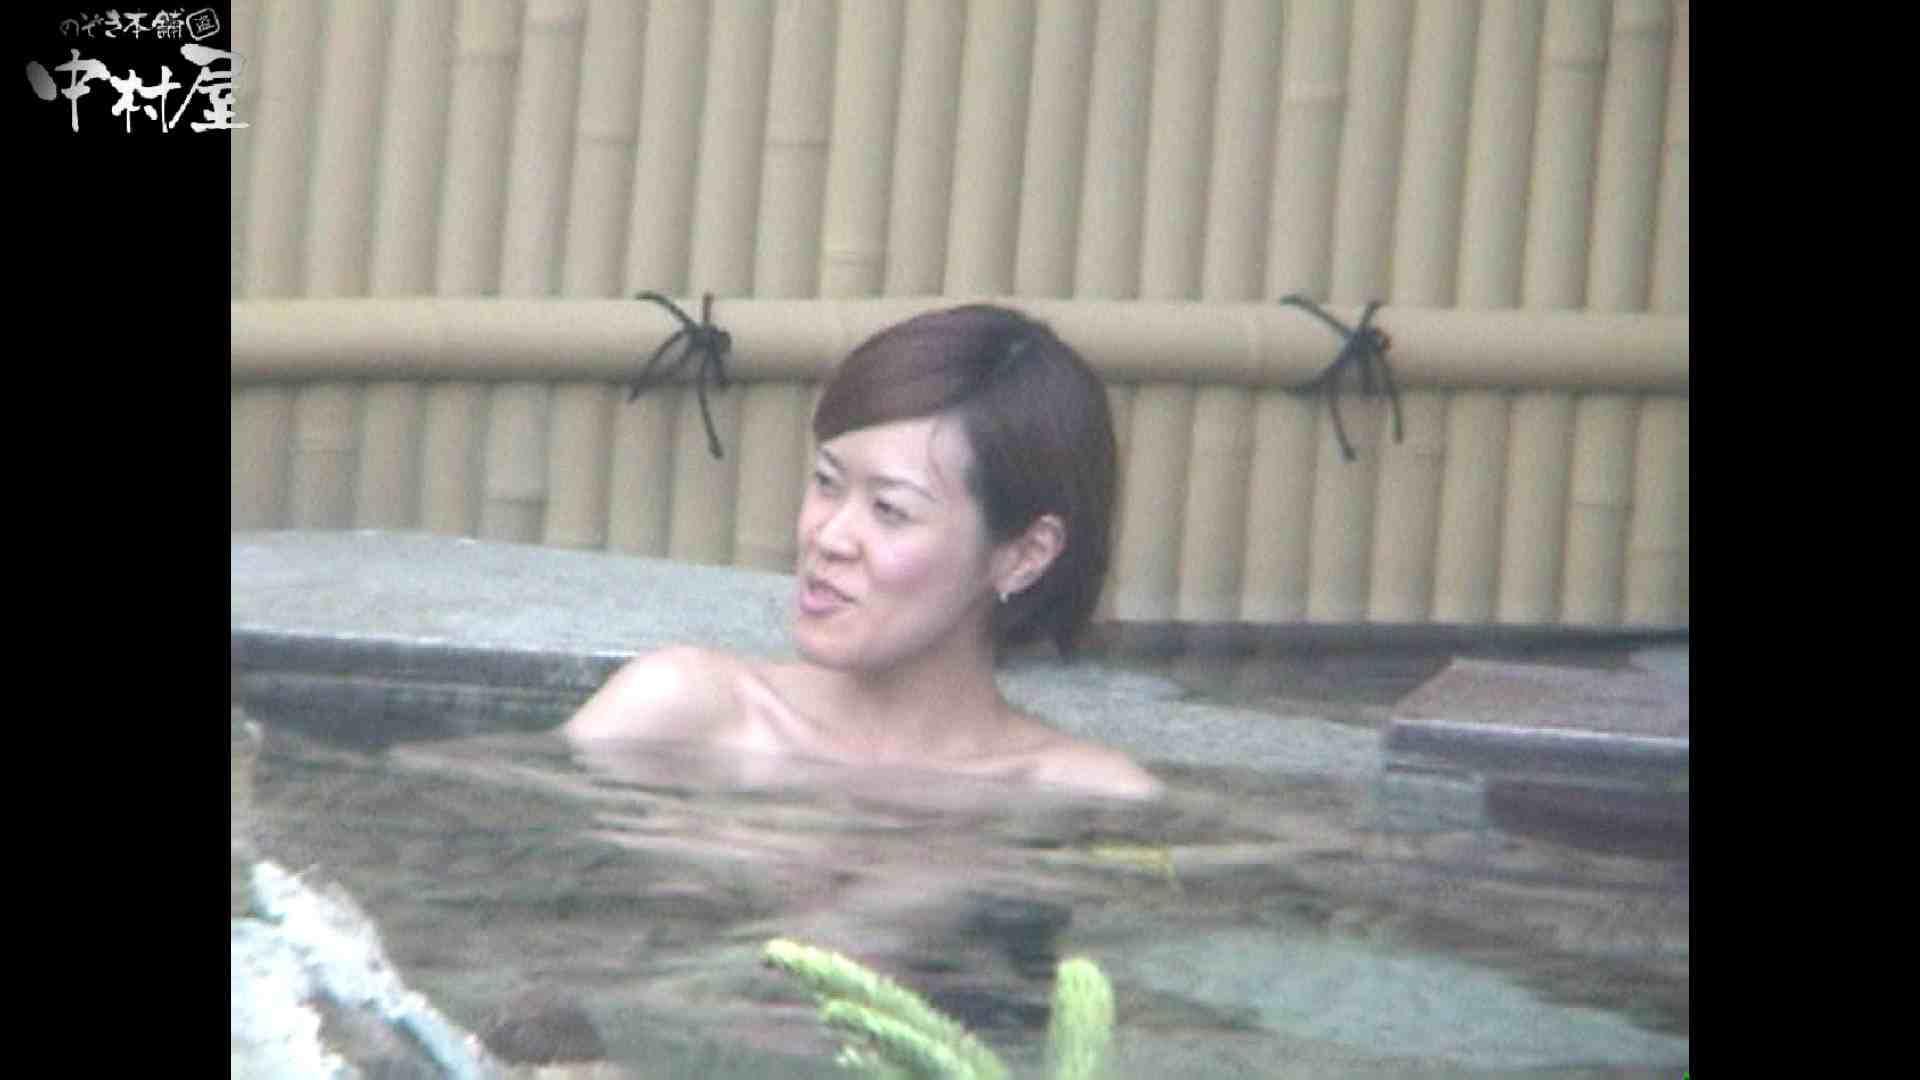 Aquaな露天風呂Vol.961 露天 AV動画キャプチャ 86画像 32